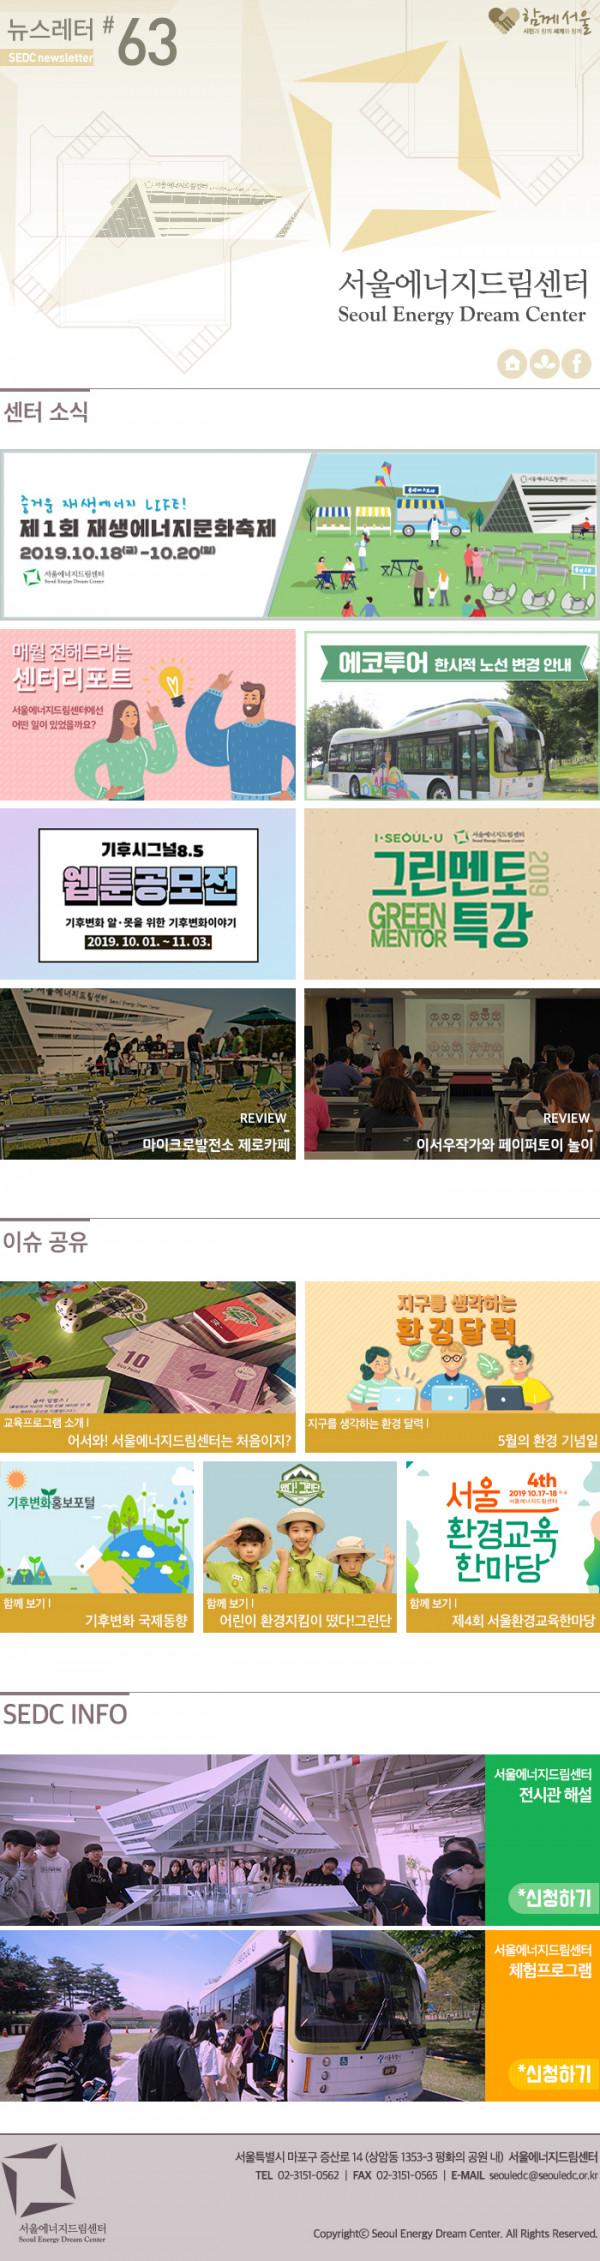 seouledc_newsletter_63.jpg